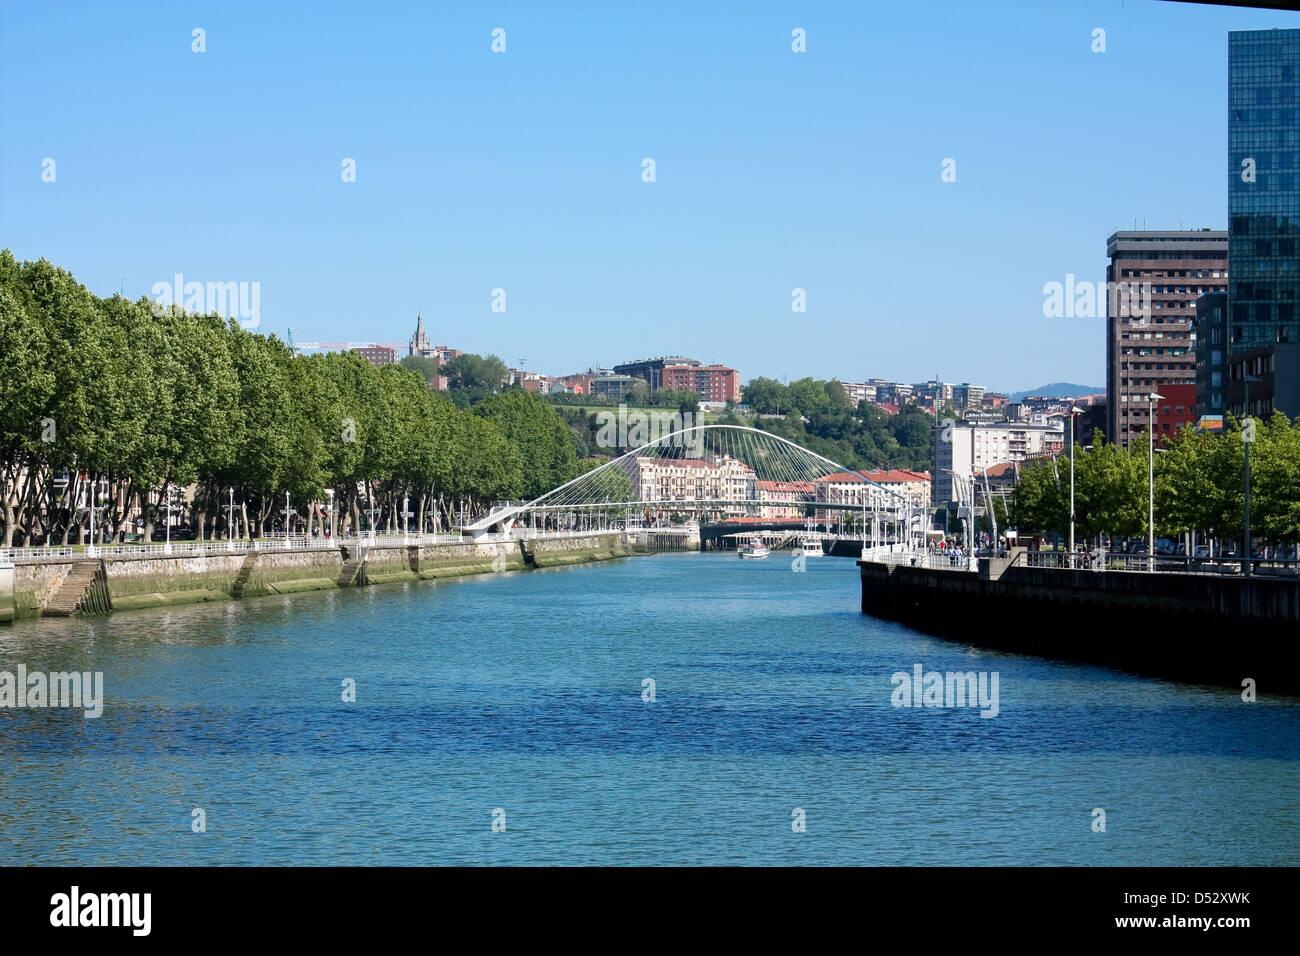 Rio Nervion Ya Que Pasa A Traves De La Ciudad De Bilbao Espana